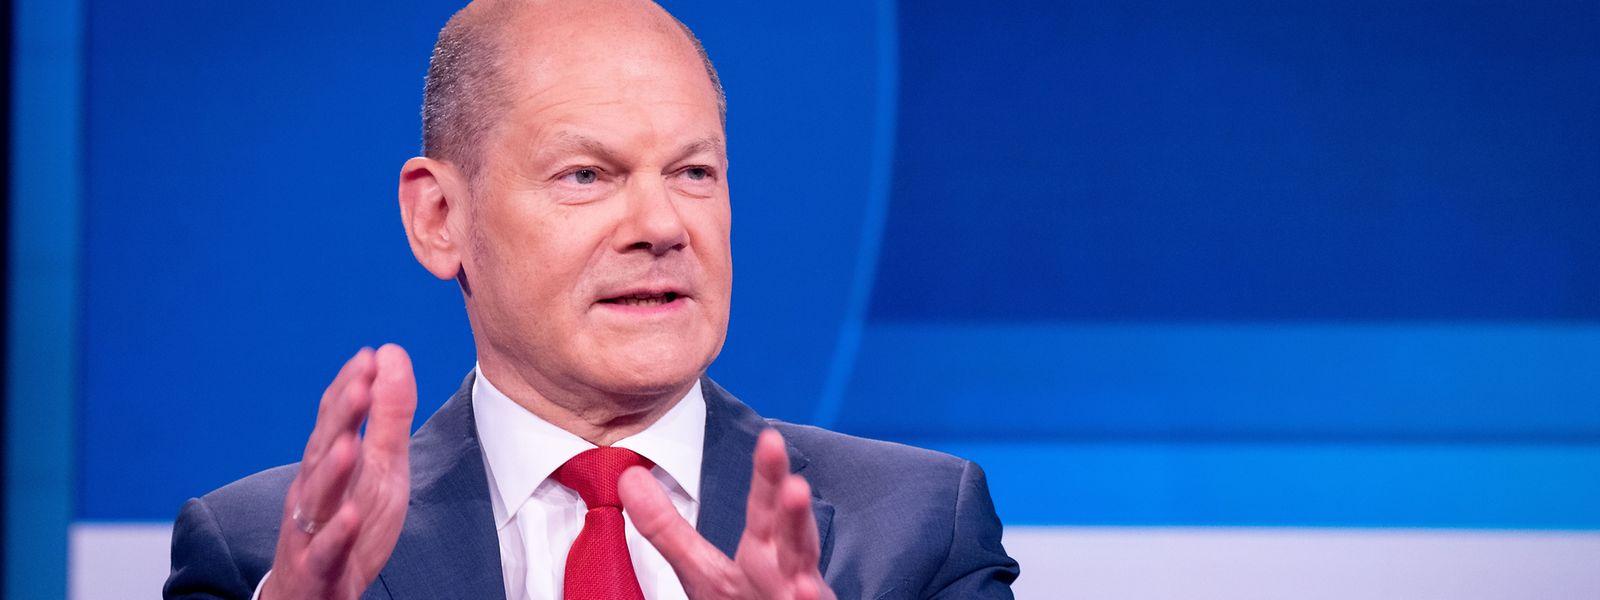 Olaf Scholz, SPD-Kanzlerkandidat und Bundesminister der Finanzen, stemmt den Wahlkampf für seine Partei allein.